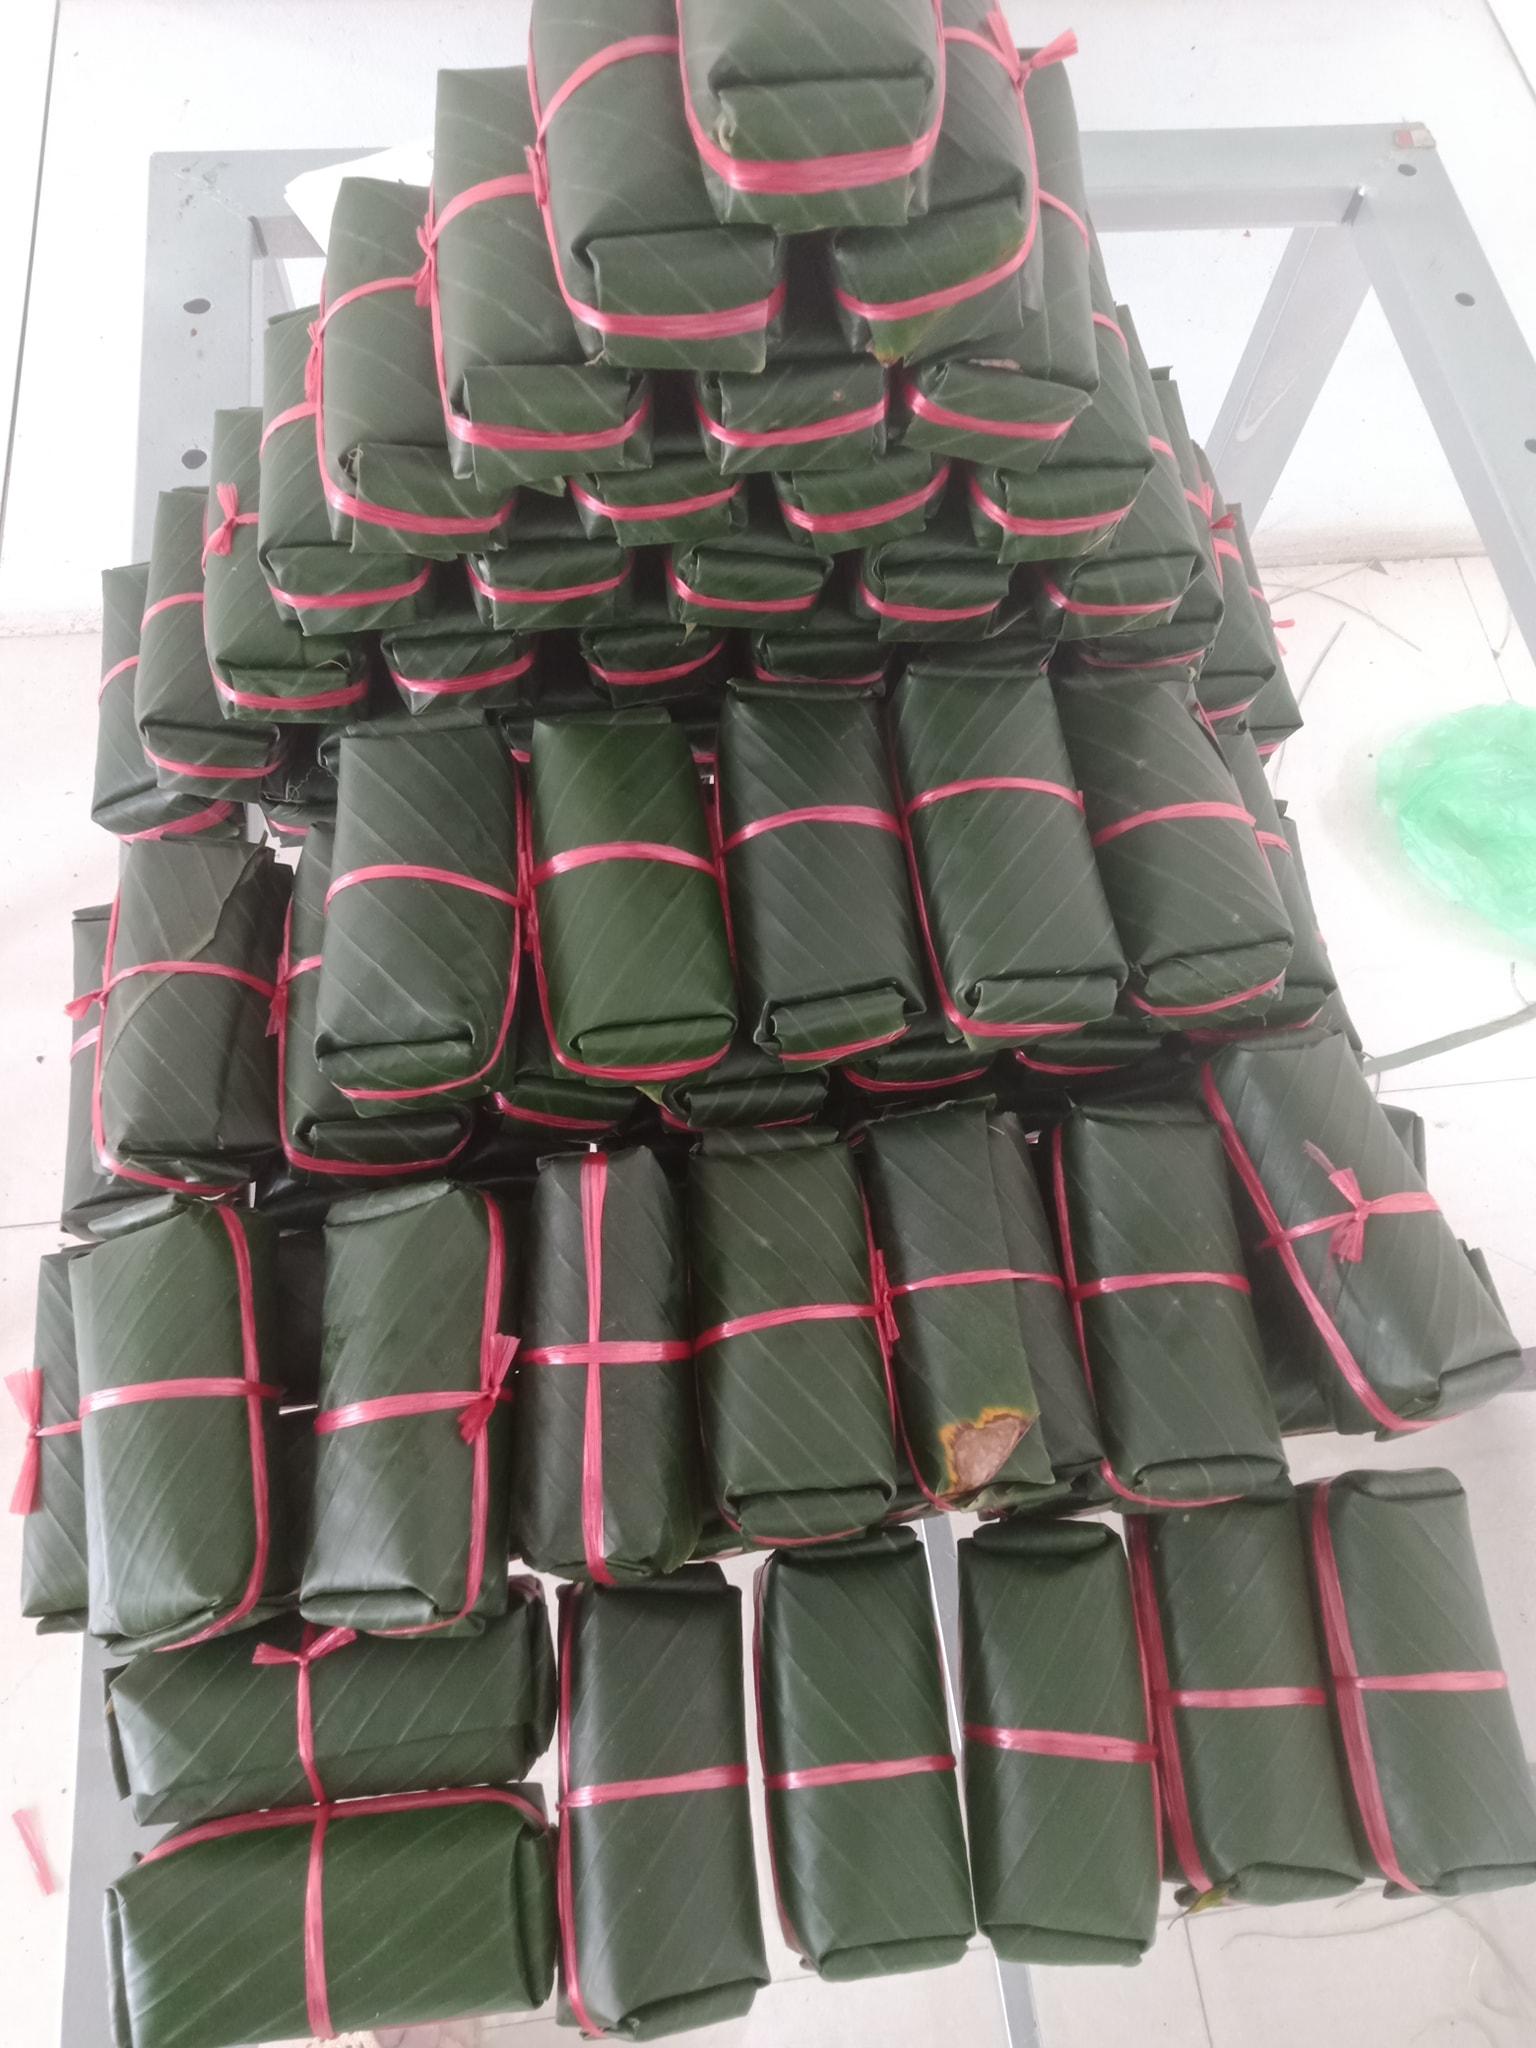 Nem nướng Khôi Loan (Huu Lung grilled spring rolls) - OCOP 3 SAO